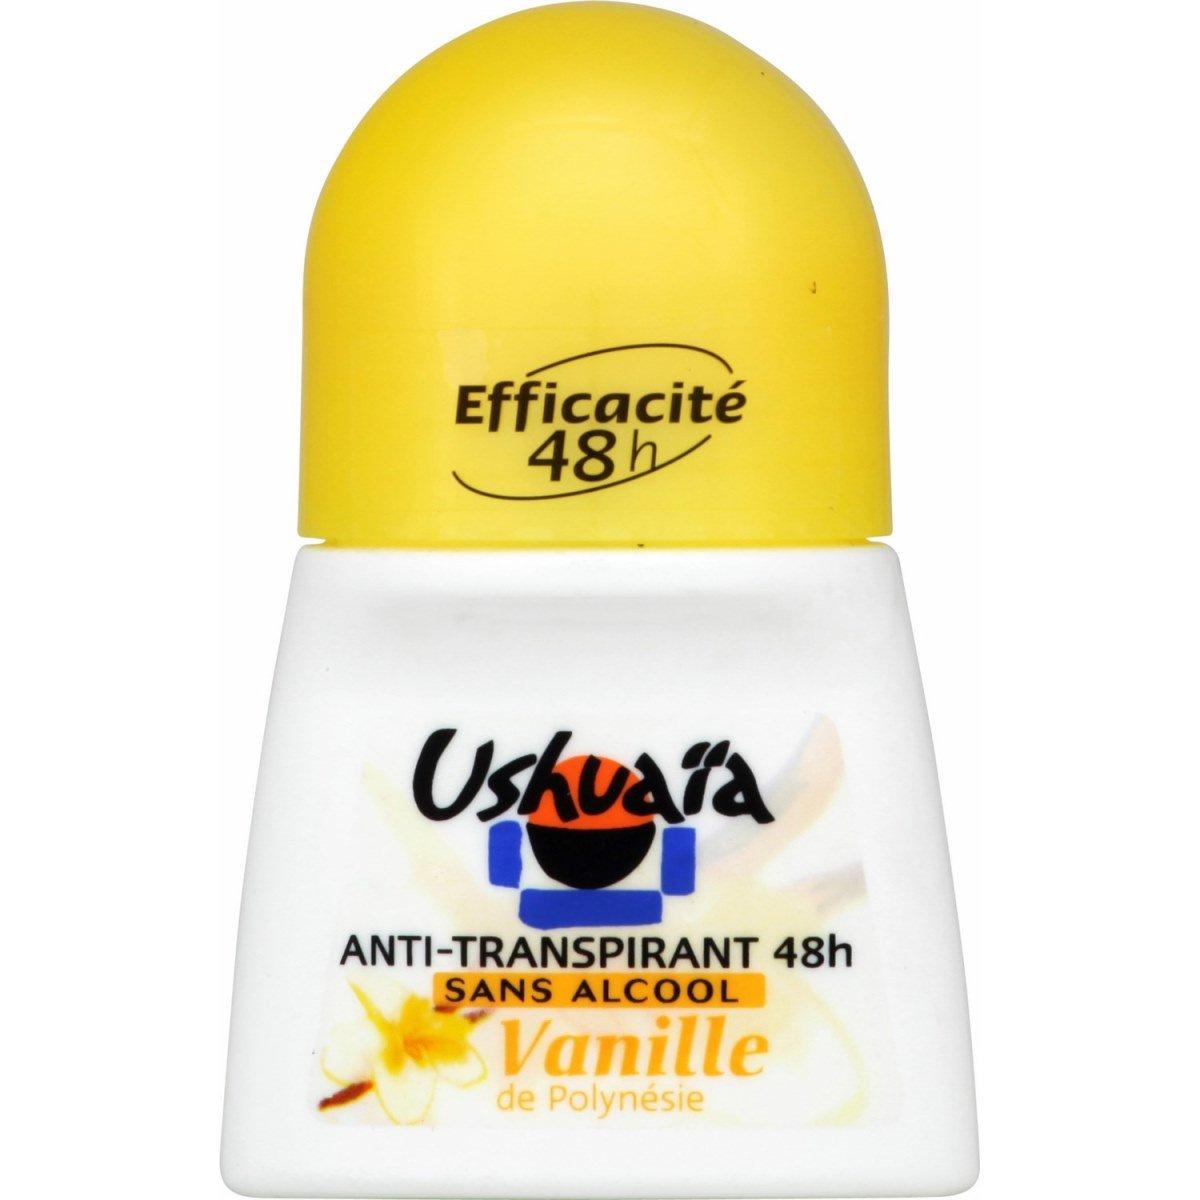 Ushuaïa - Déodorant Femme Bille Parfum Vanille De Polynésie Efficacité 48h - 50 ml Ushuaia 840124